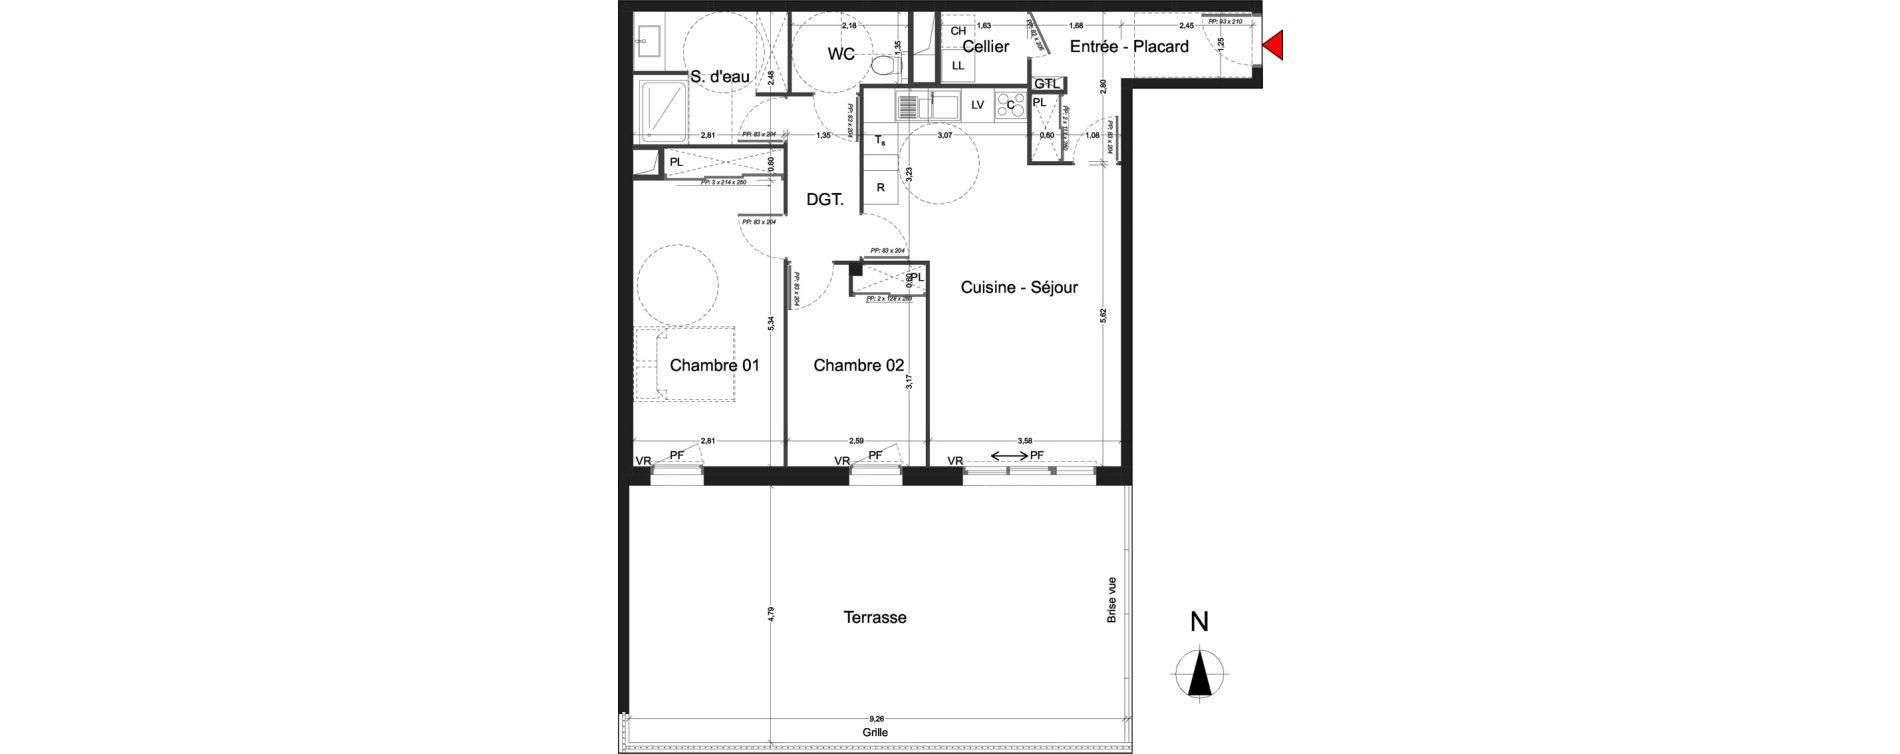 Appartement T3 de 75.72 m2 RDC S L'Orée du Parc Royan ref 005